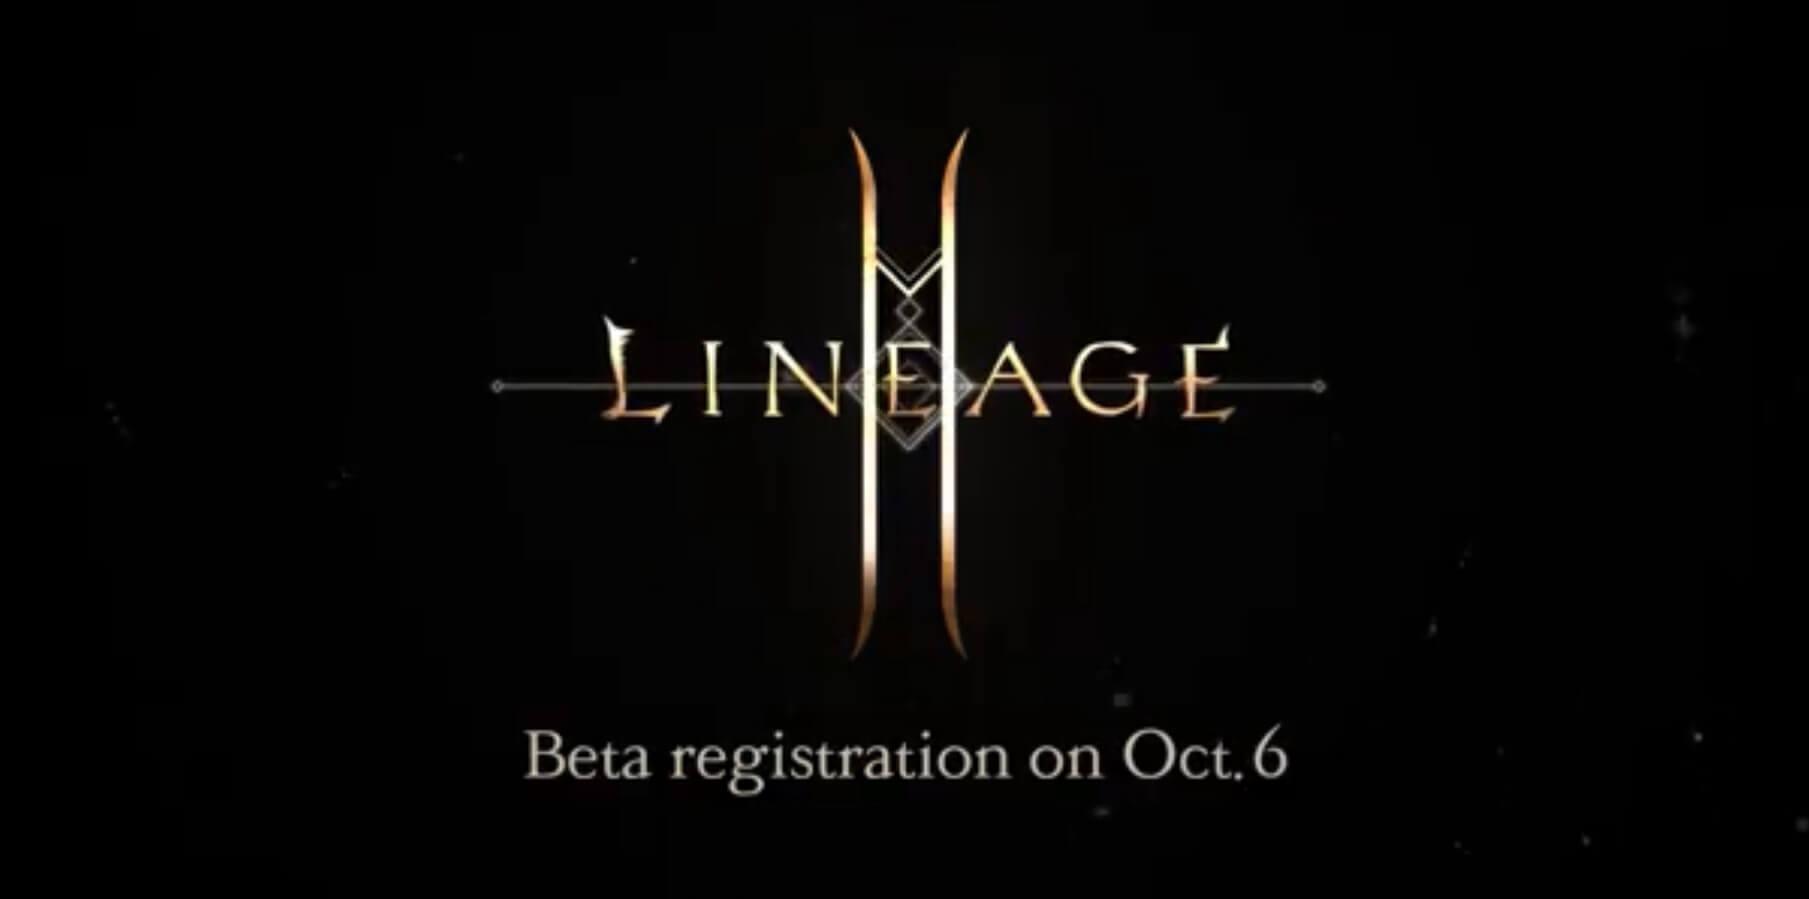 Lineage 2M:Lançamento global em 25 de novembro